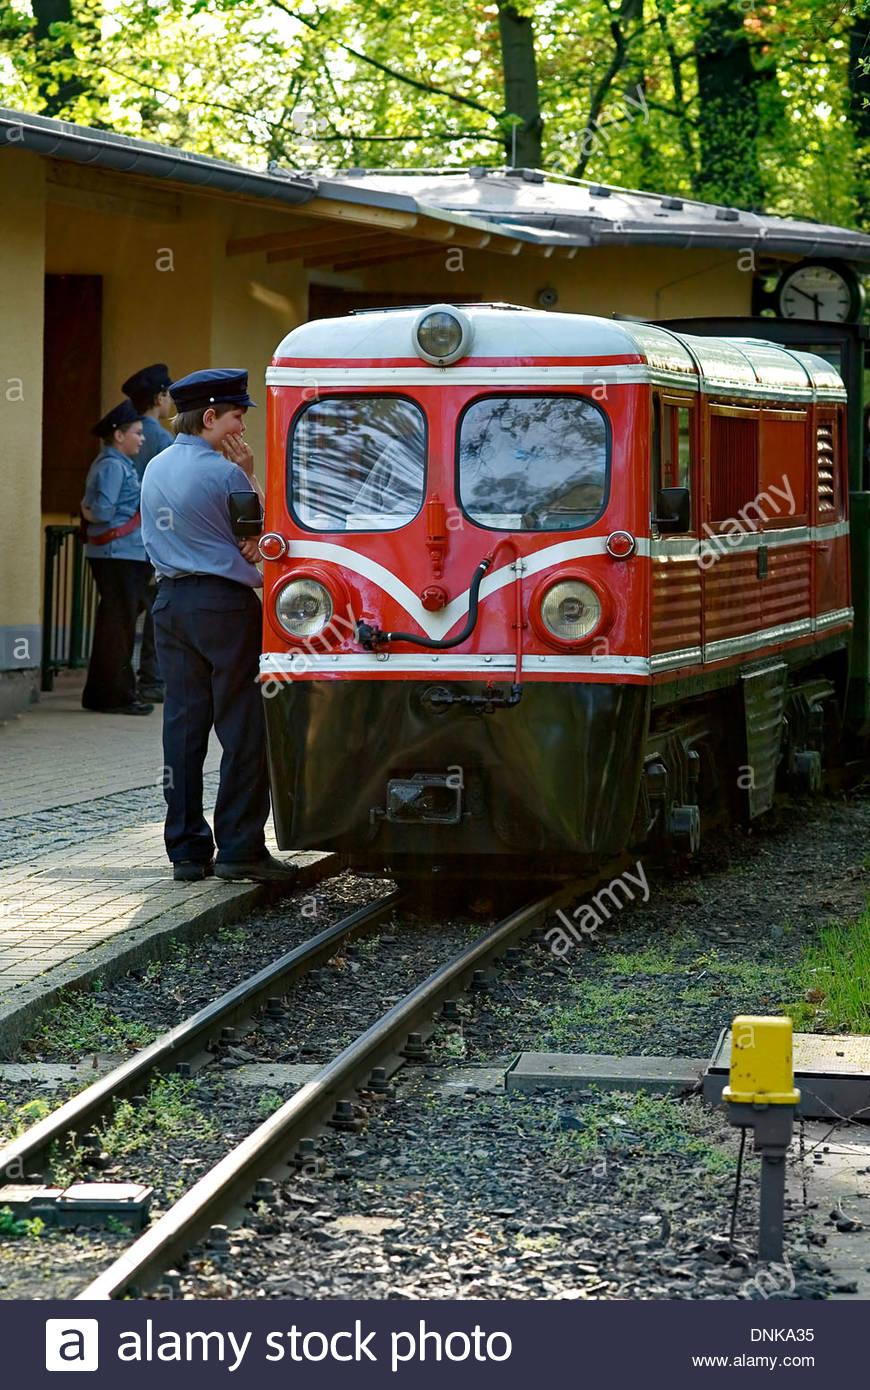 Miniatur-Eisenbahn an den Grossen Garten, bekannt als die Parkeisenbahn in Dresden, Deutschland. Stockbild